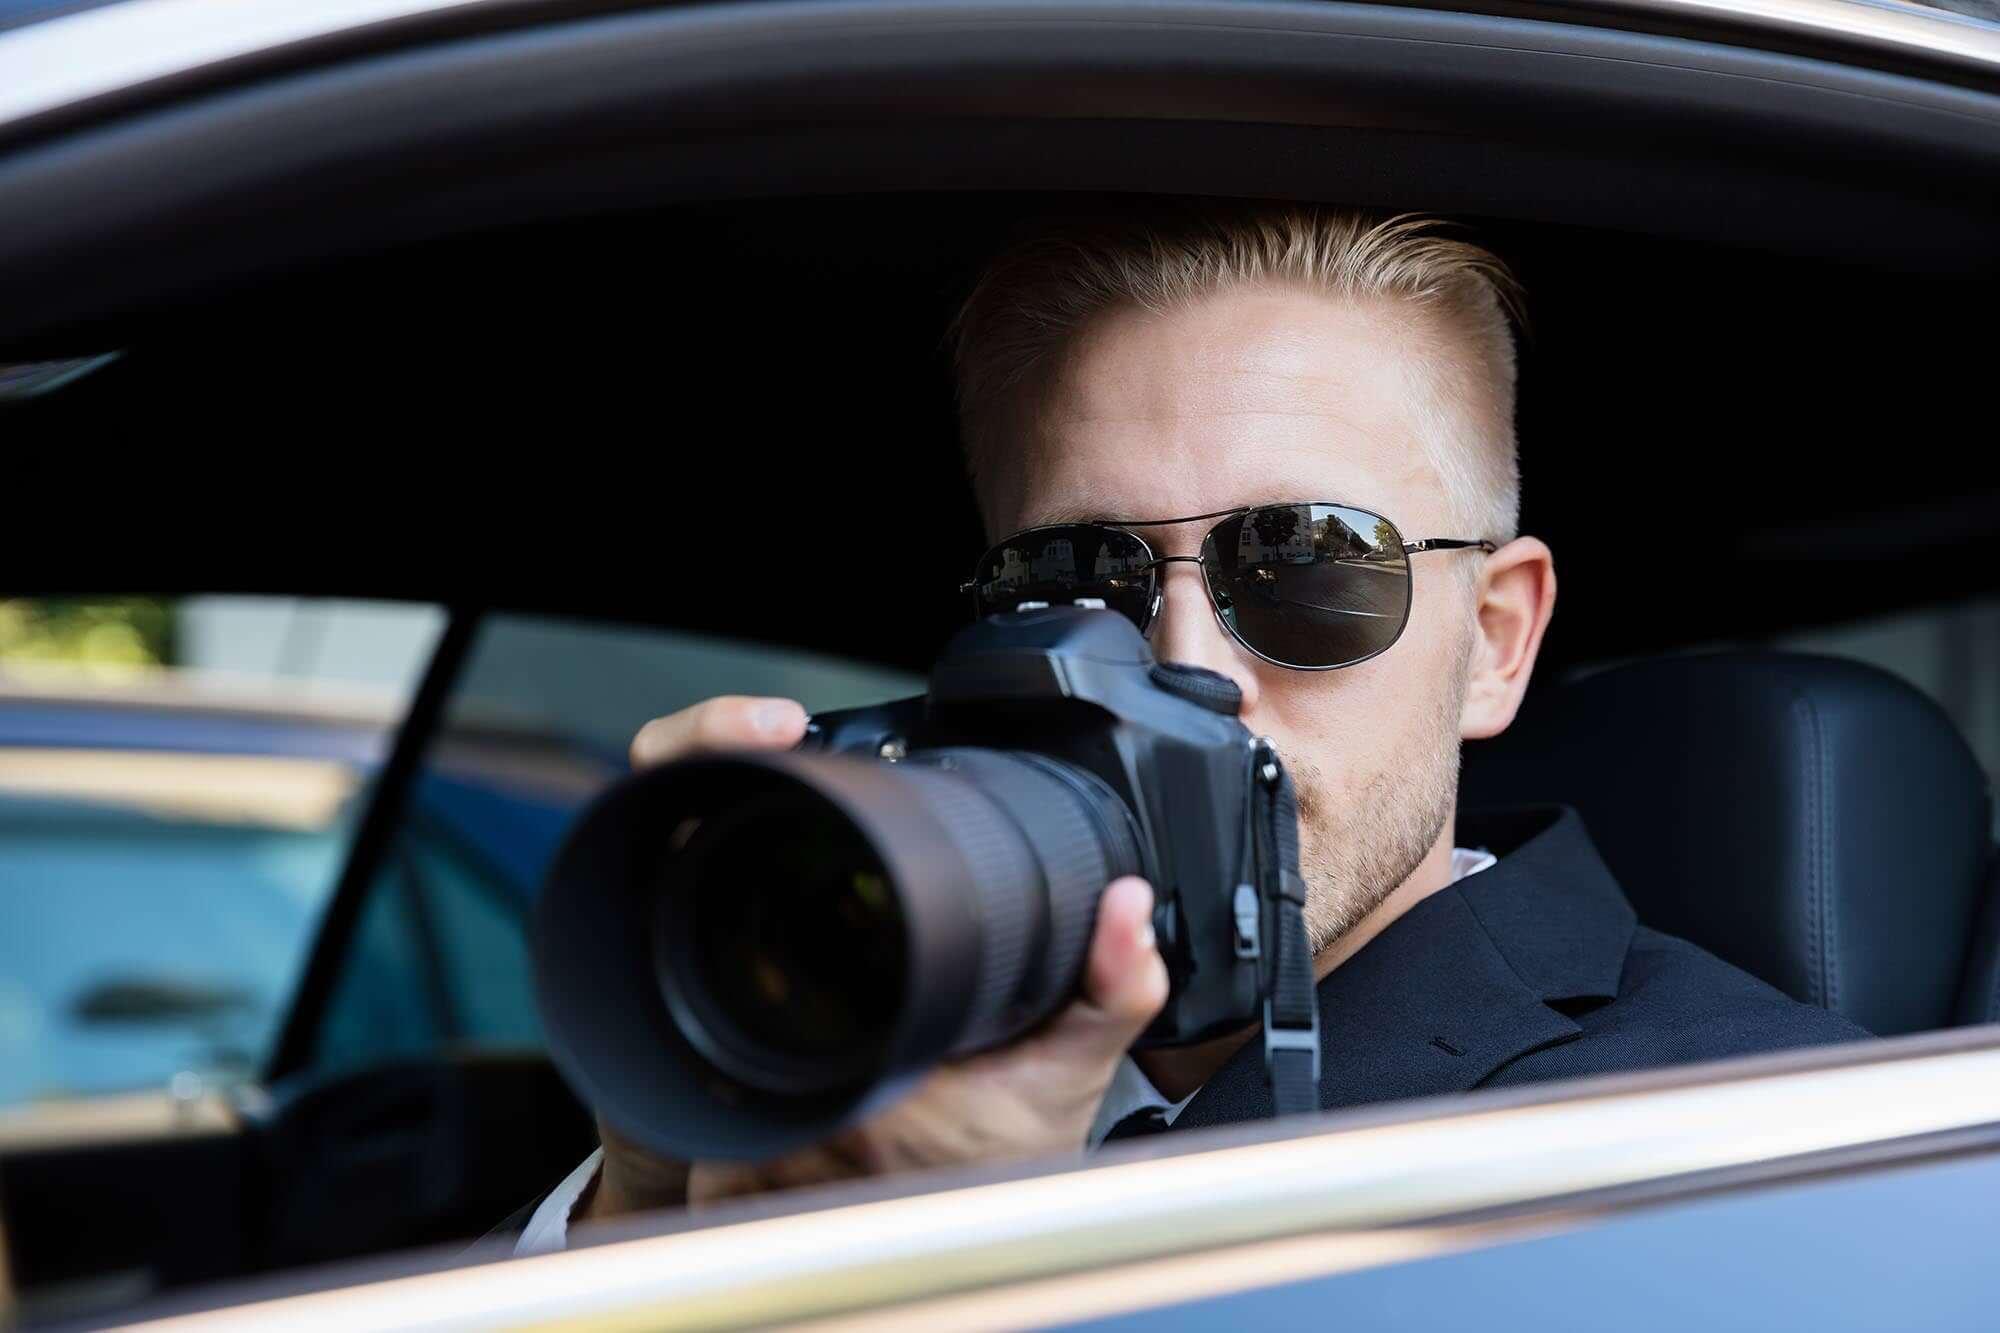 Professional Surveillance Services